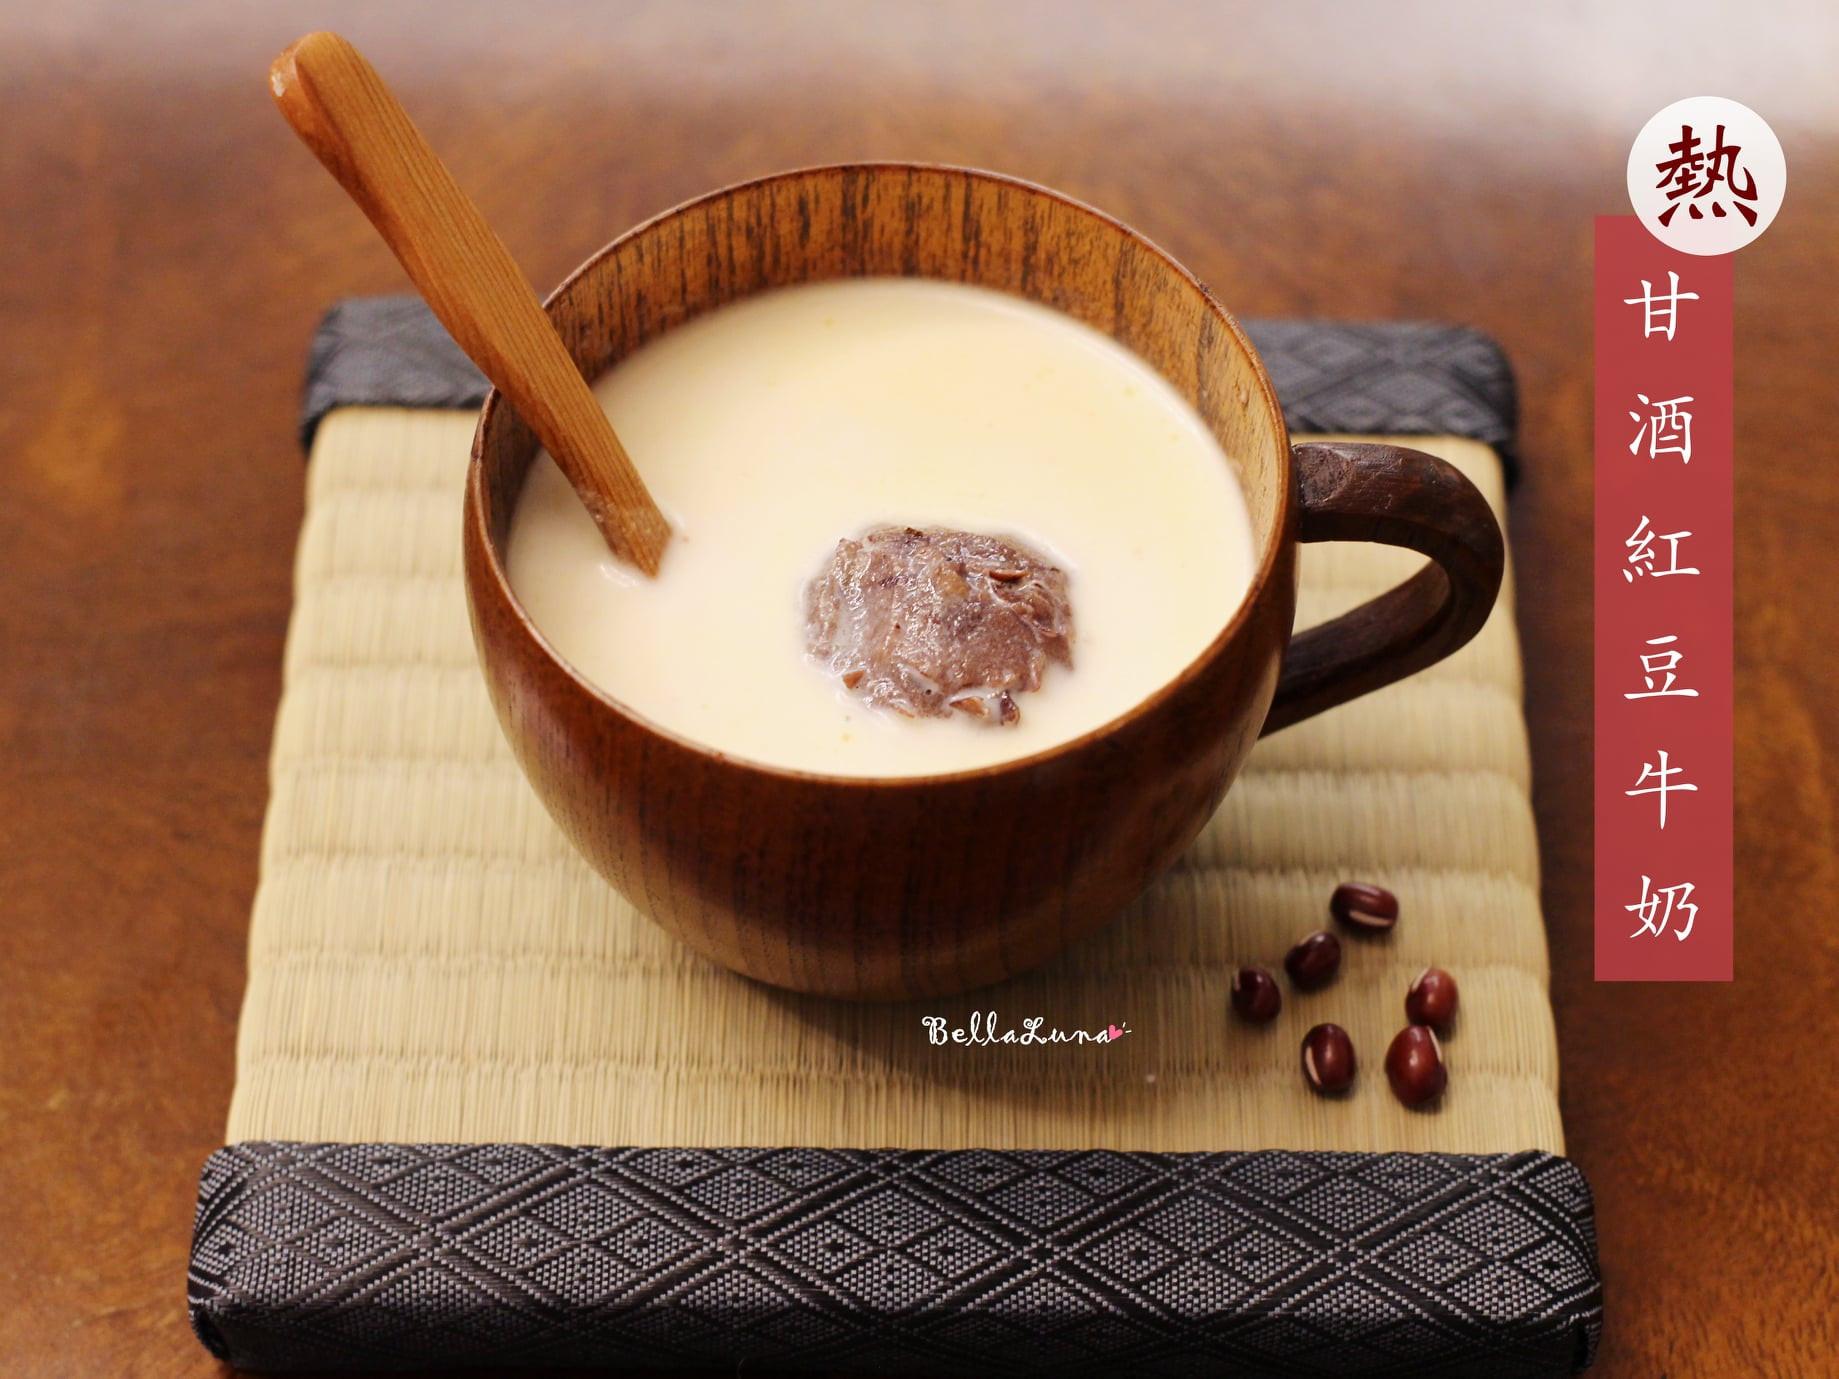 熱甘酒紅豆牛奶(免浸泡奶油蜜紅豆)